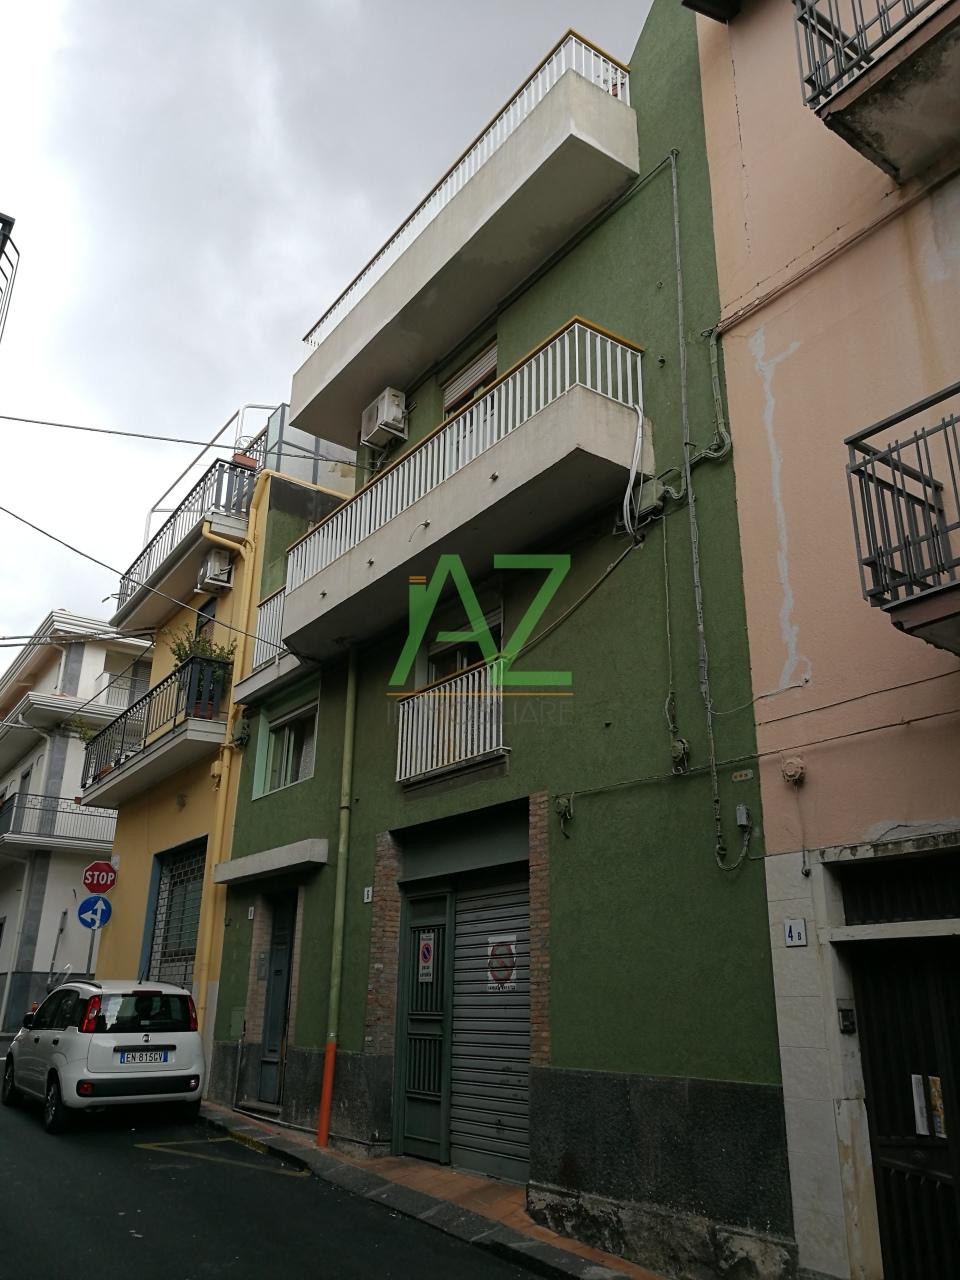 Soluzione Indipendente in vendita a Misterbianco, 5 locali, prezzo € 135.000 | Cambio Casa.it